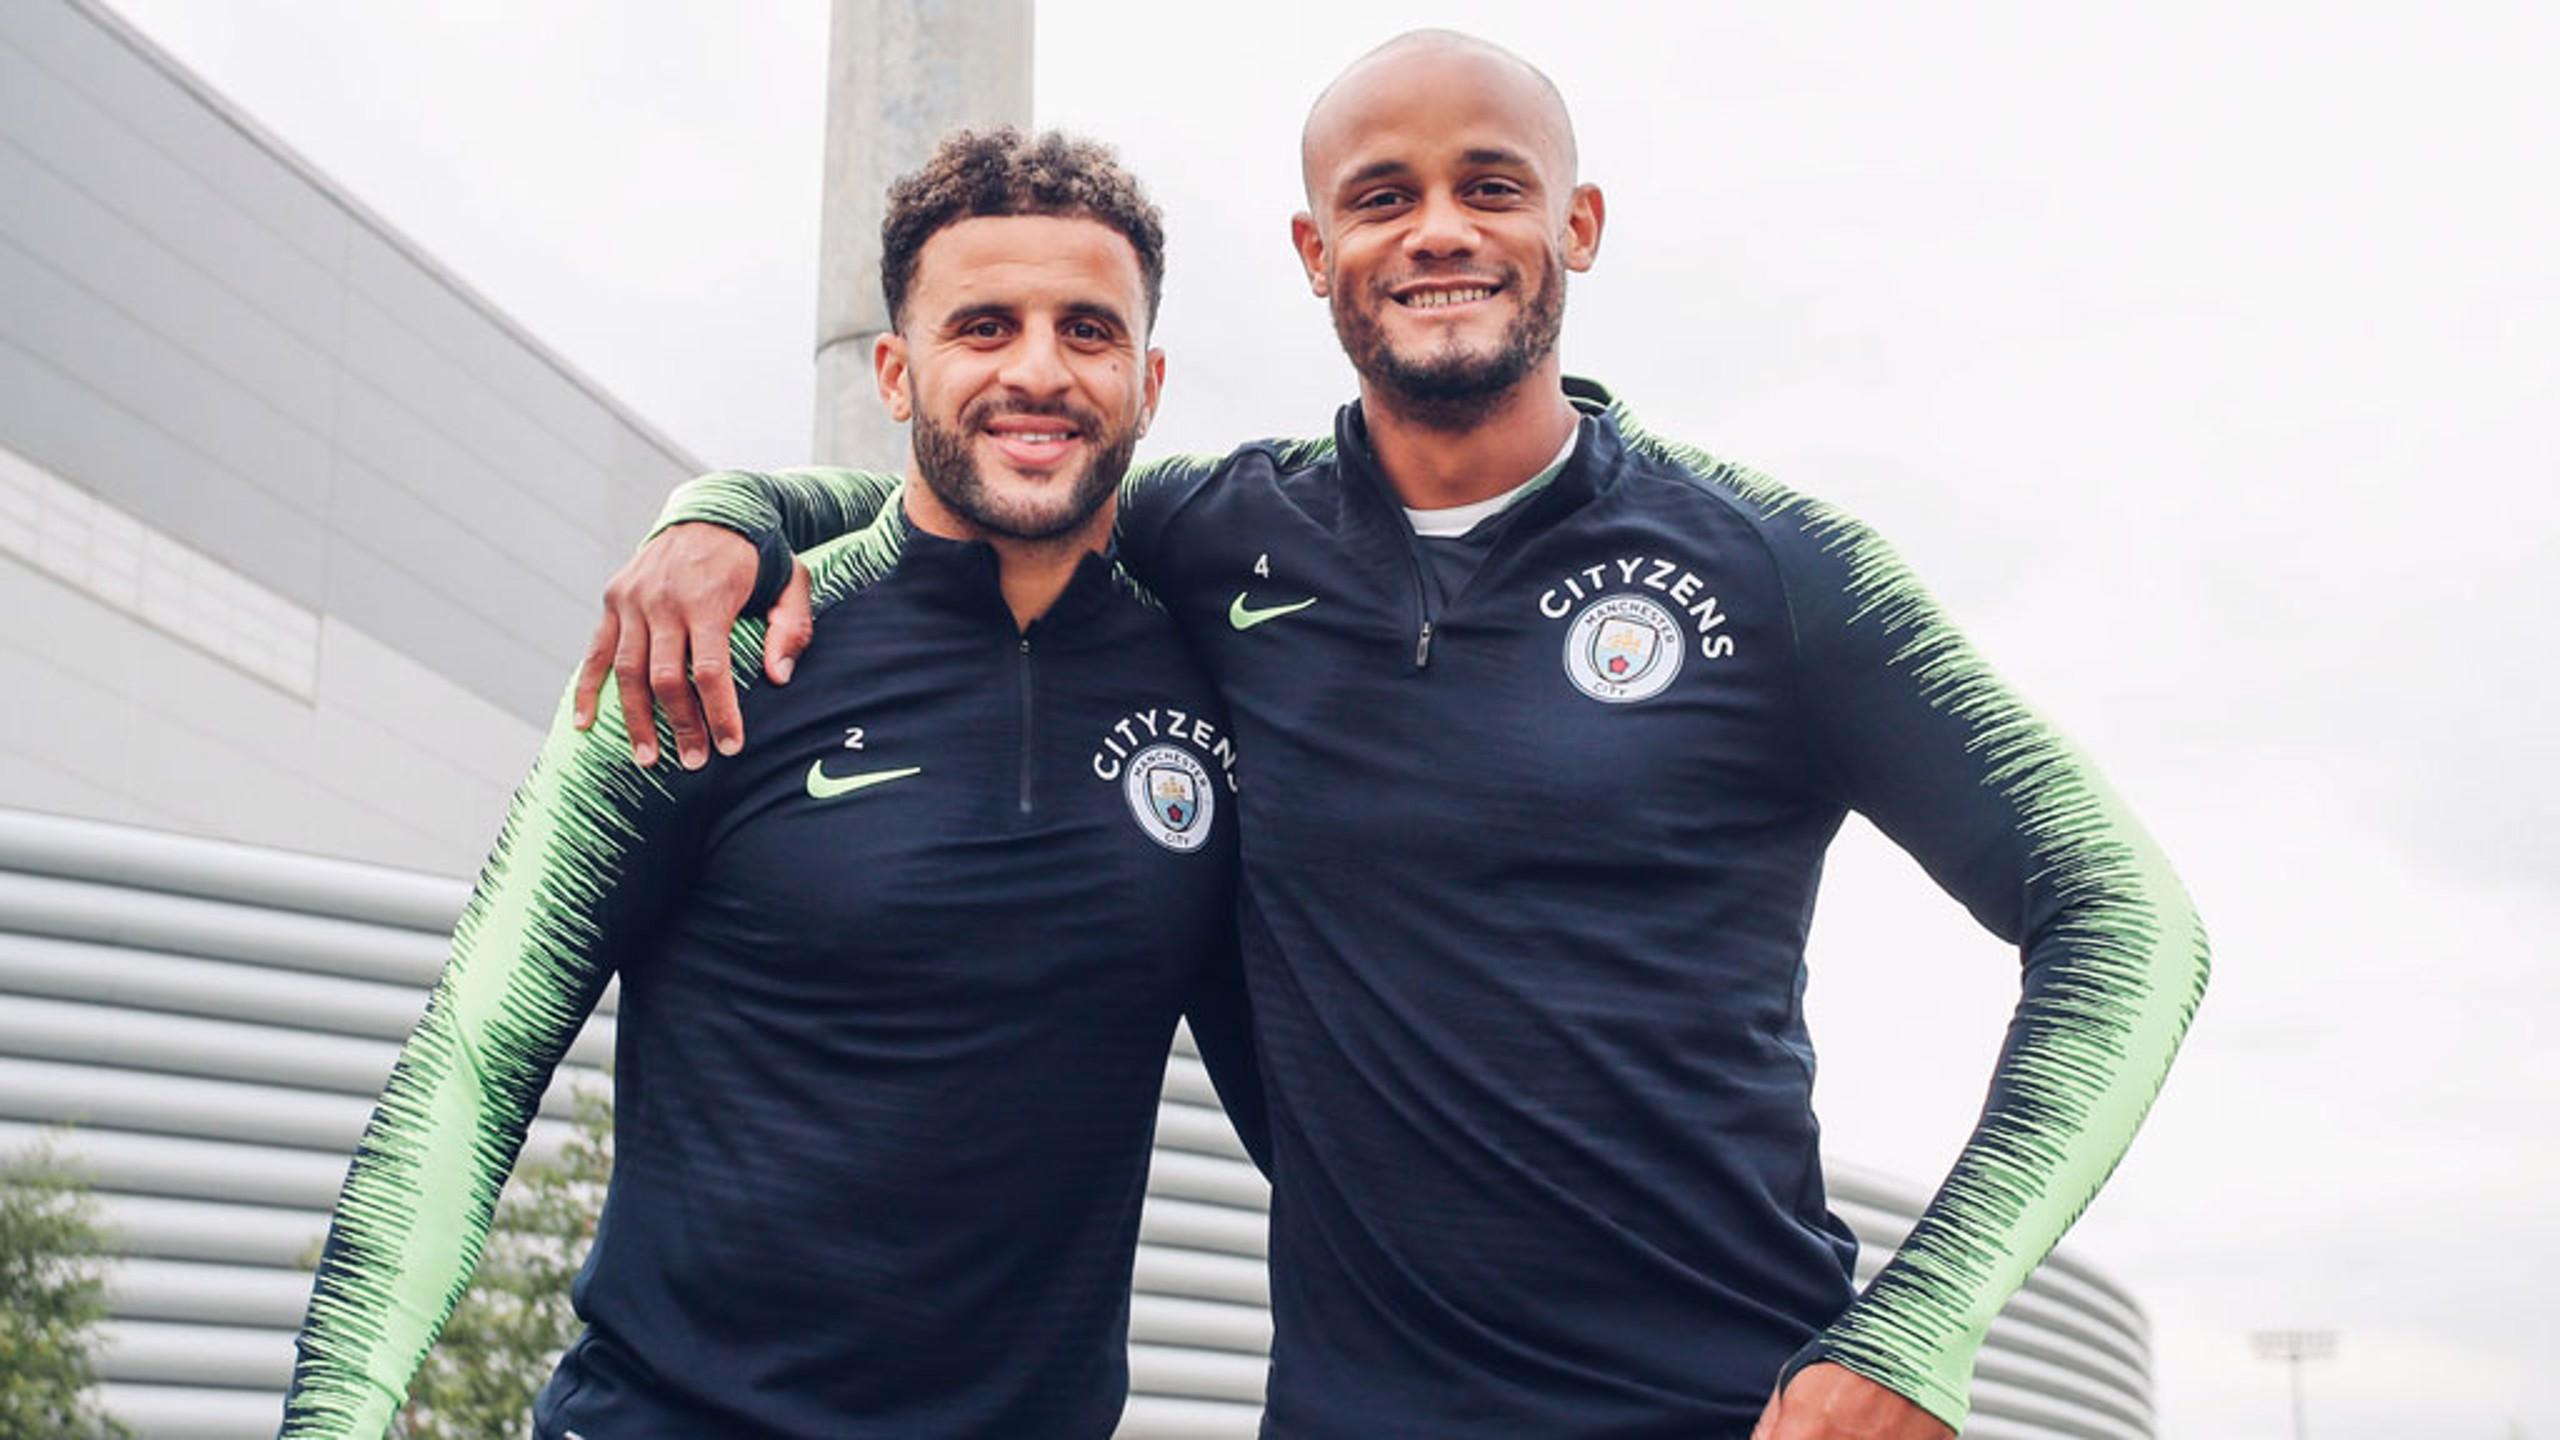 DUO KARANG: Senyuman manis dari Vinnie dan Kyle